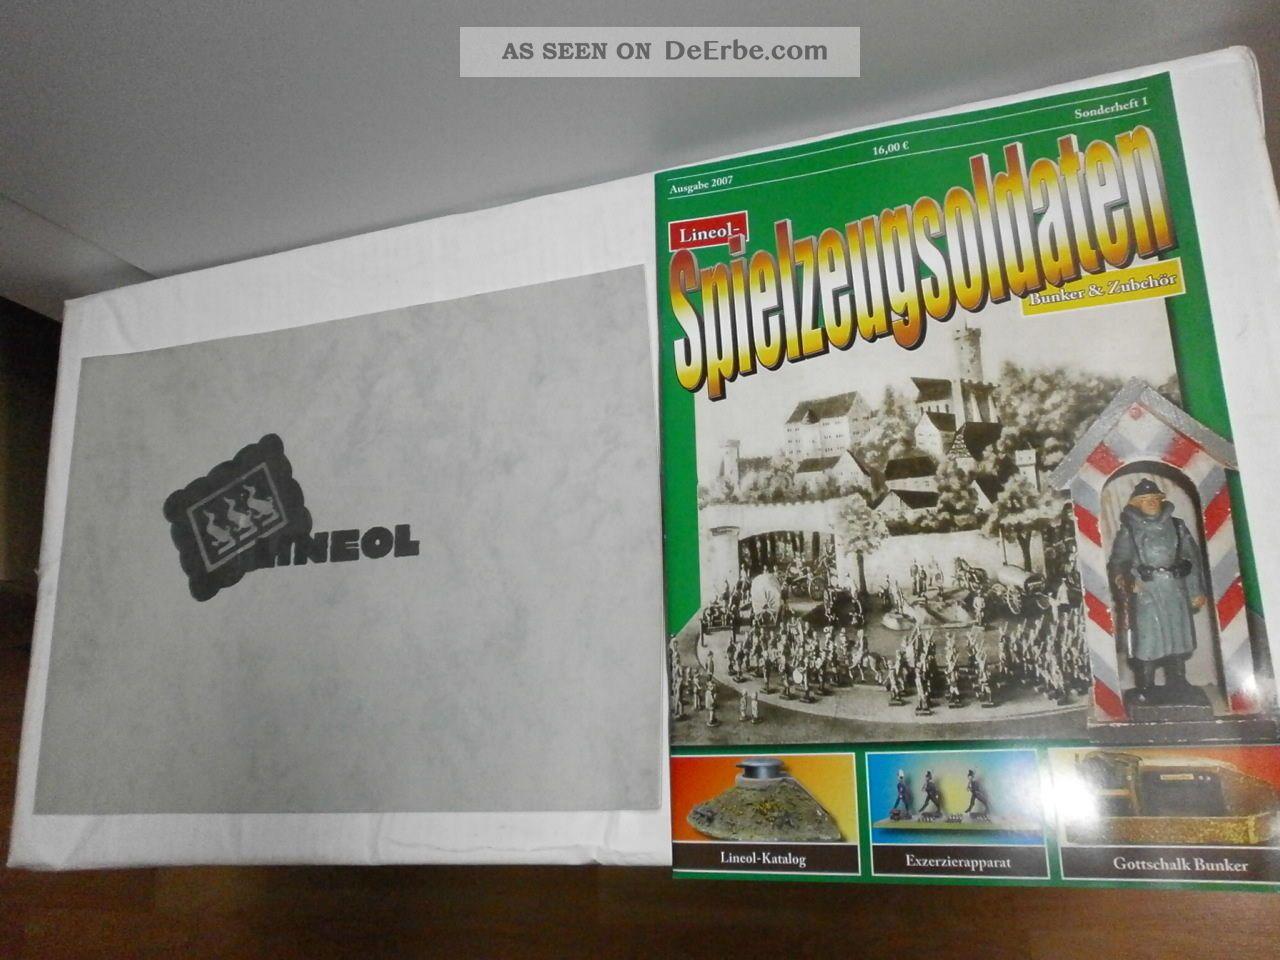 Sonderheft Spielzeugsoldaten Bunker & Zubehör Elastolin Kienel,  Lineol Katalog Gefertigt vor 1945 Bild